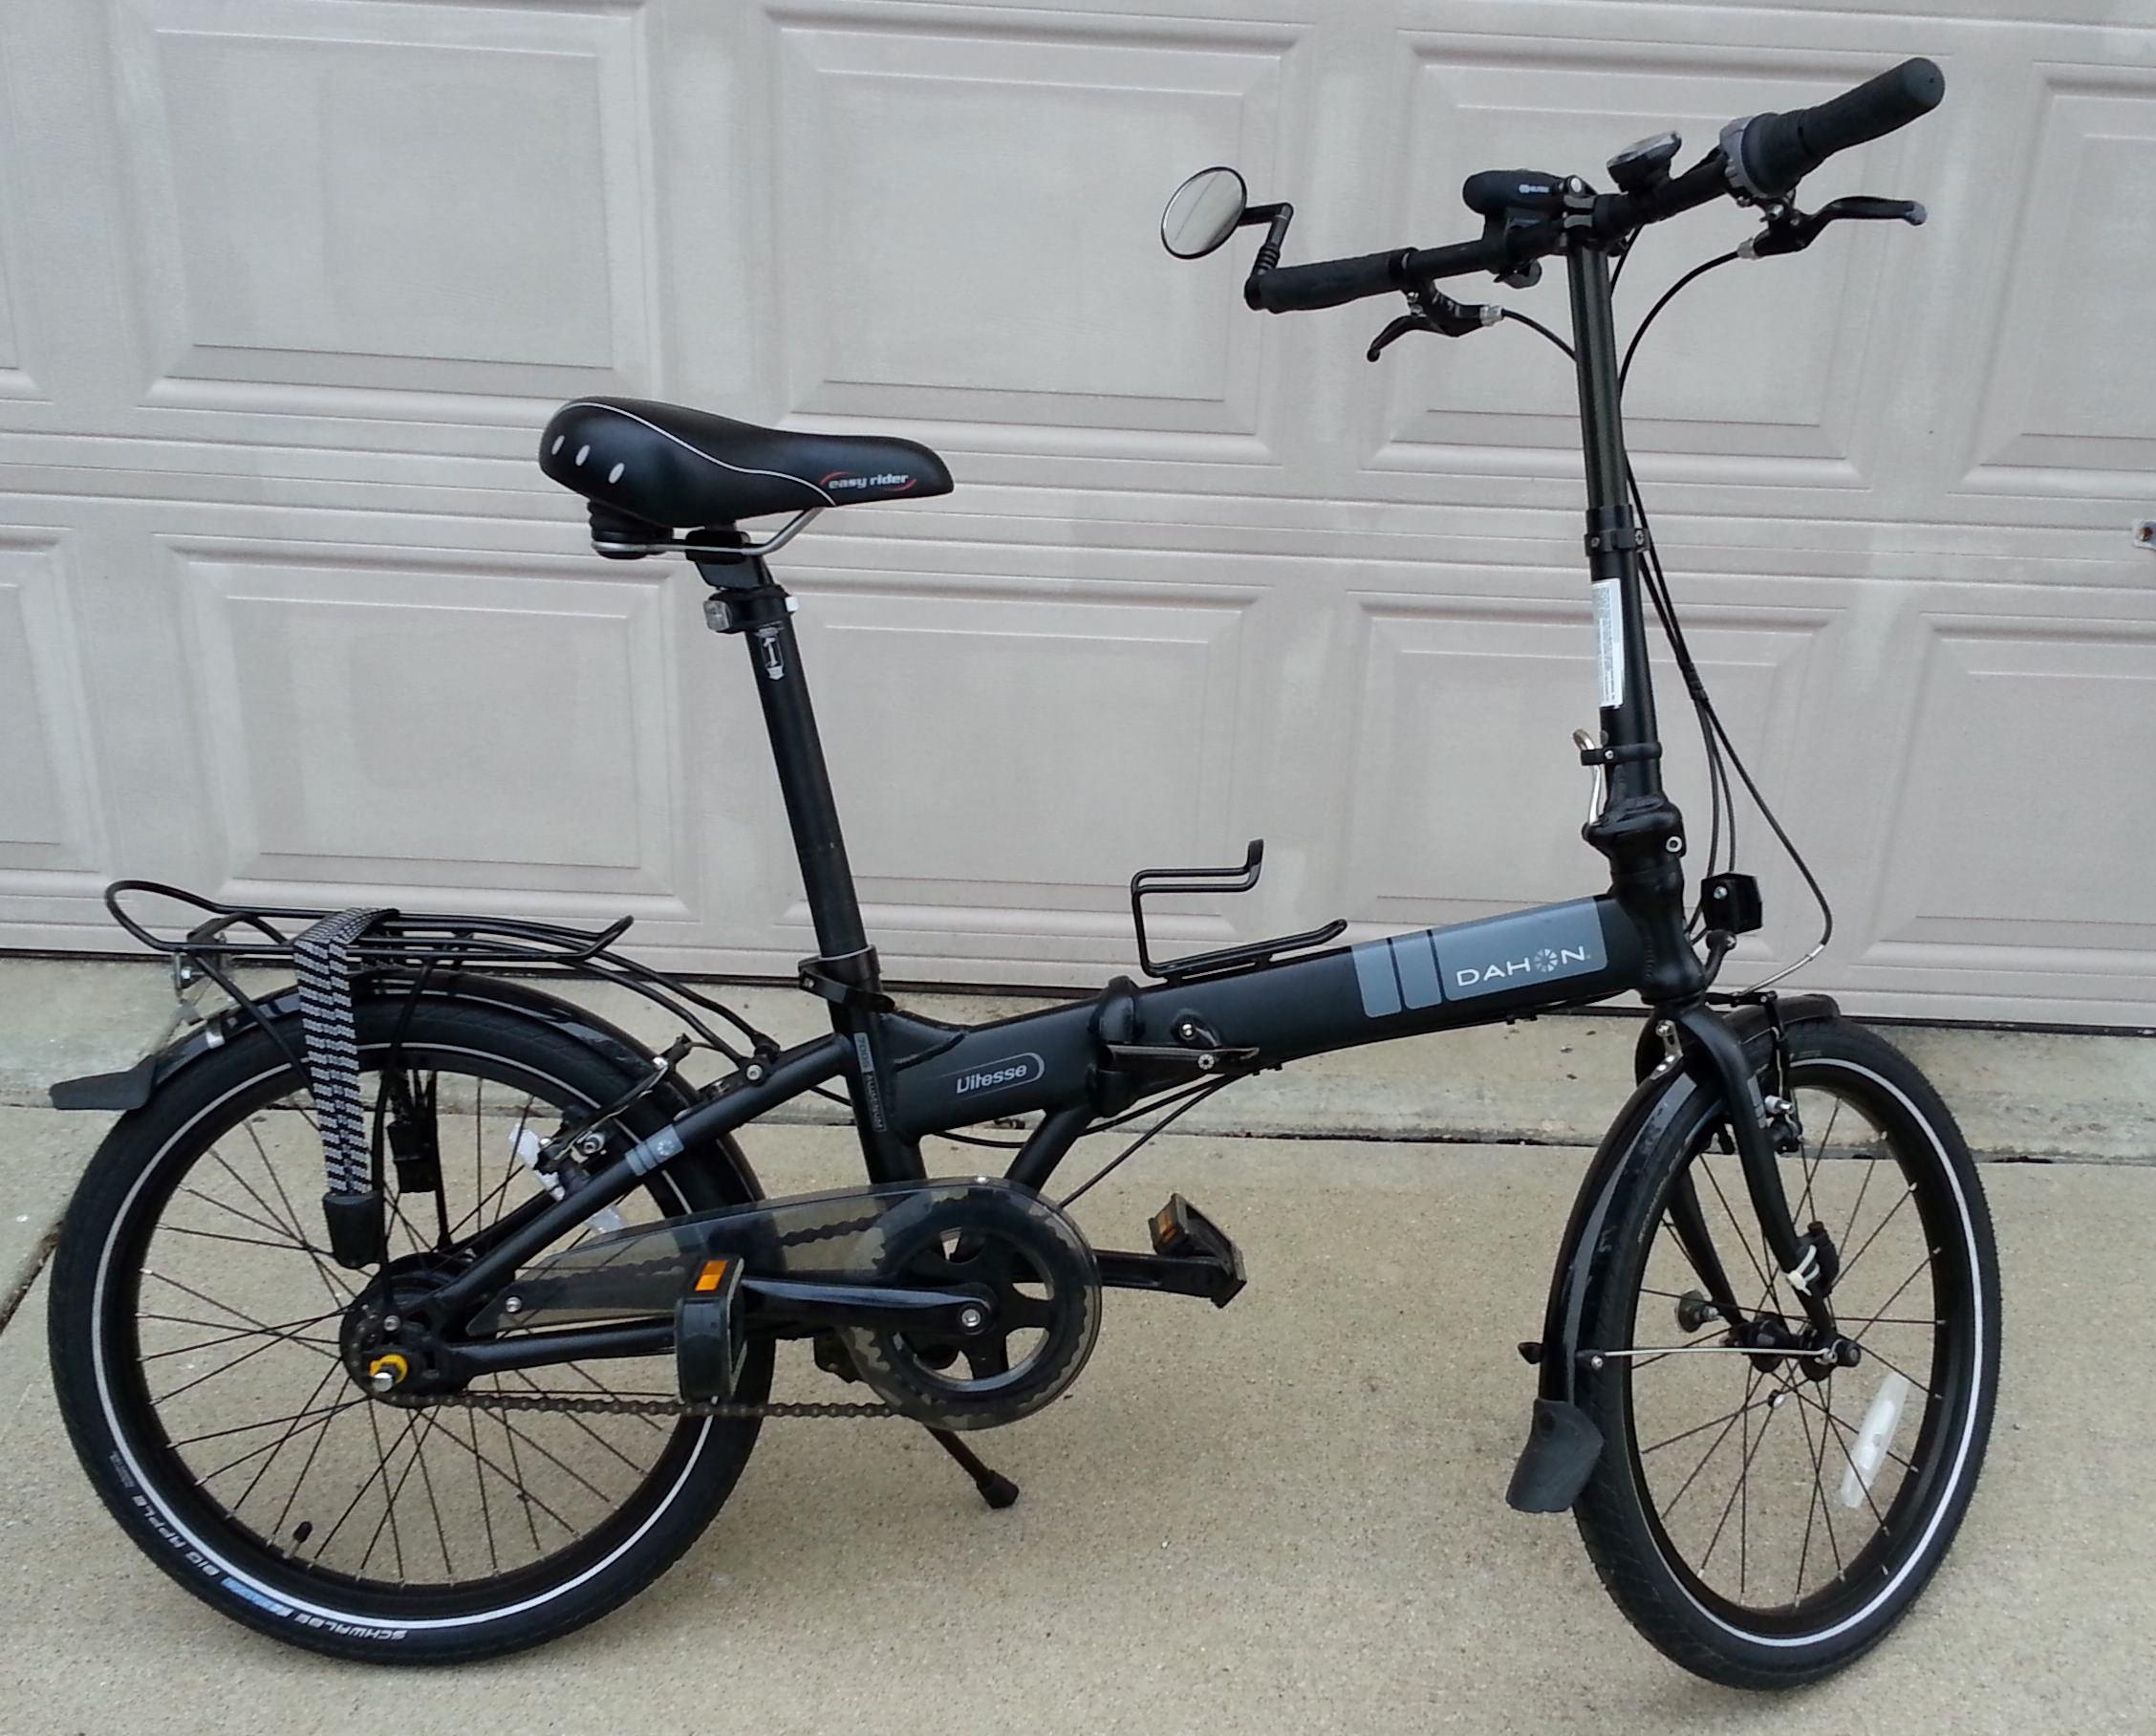 Велосипеды dahon (jifo, pop uno, faitrad, speed, vybe и др.)